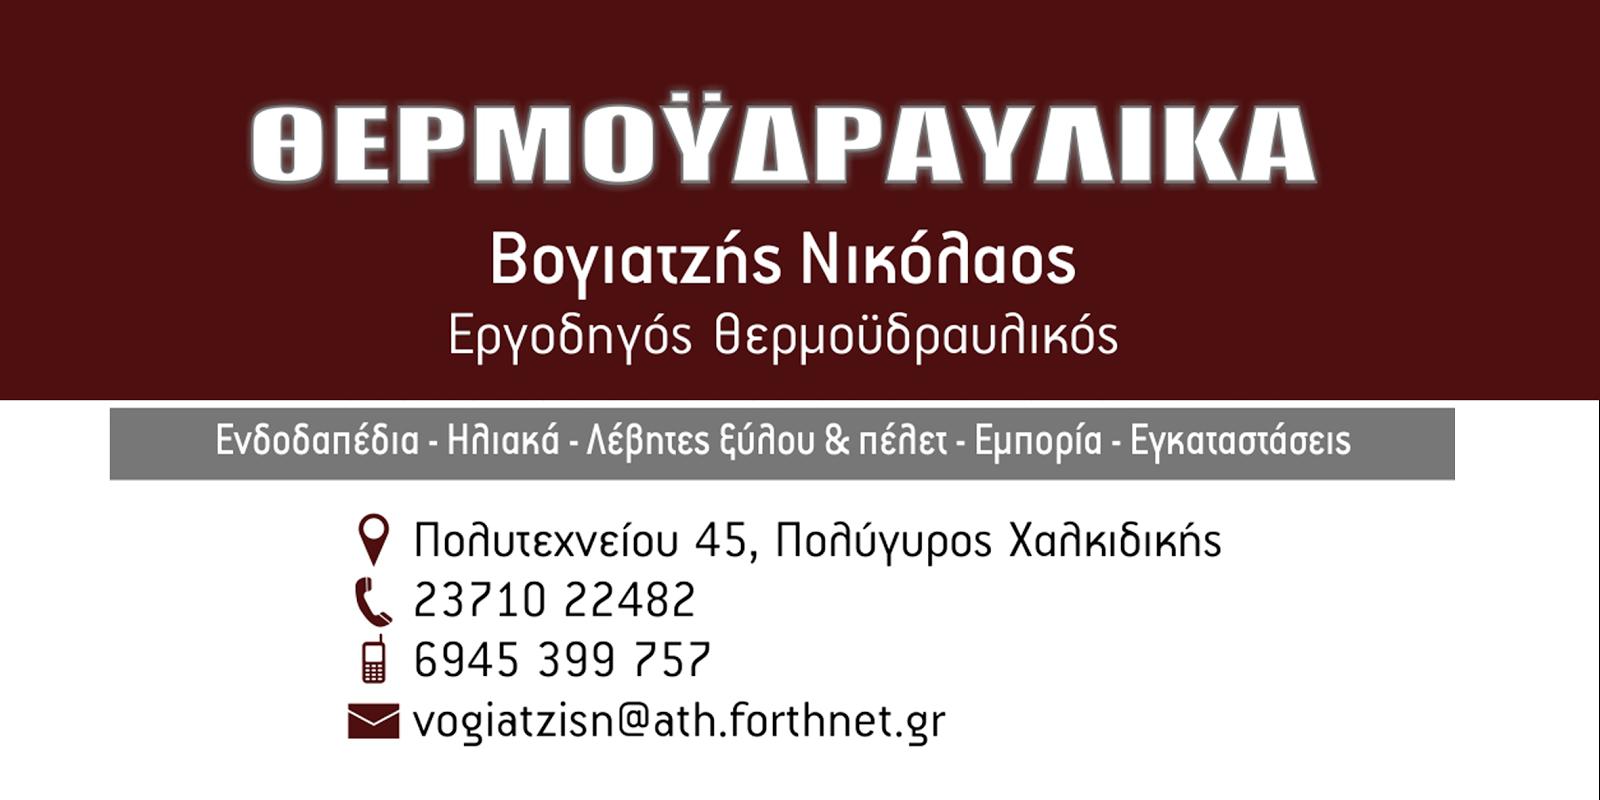 Νικόλαος Βογιατζής